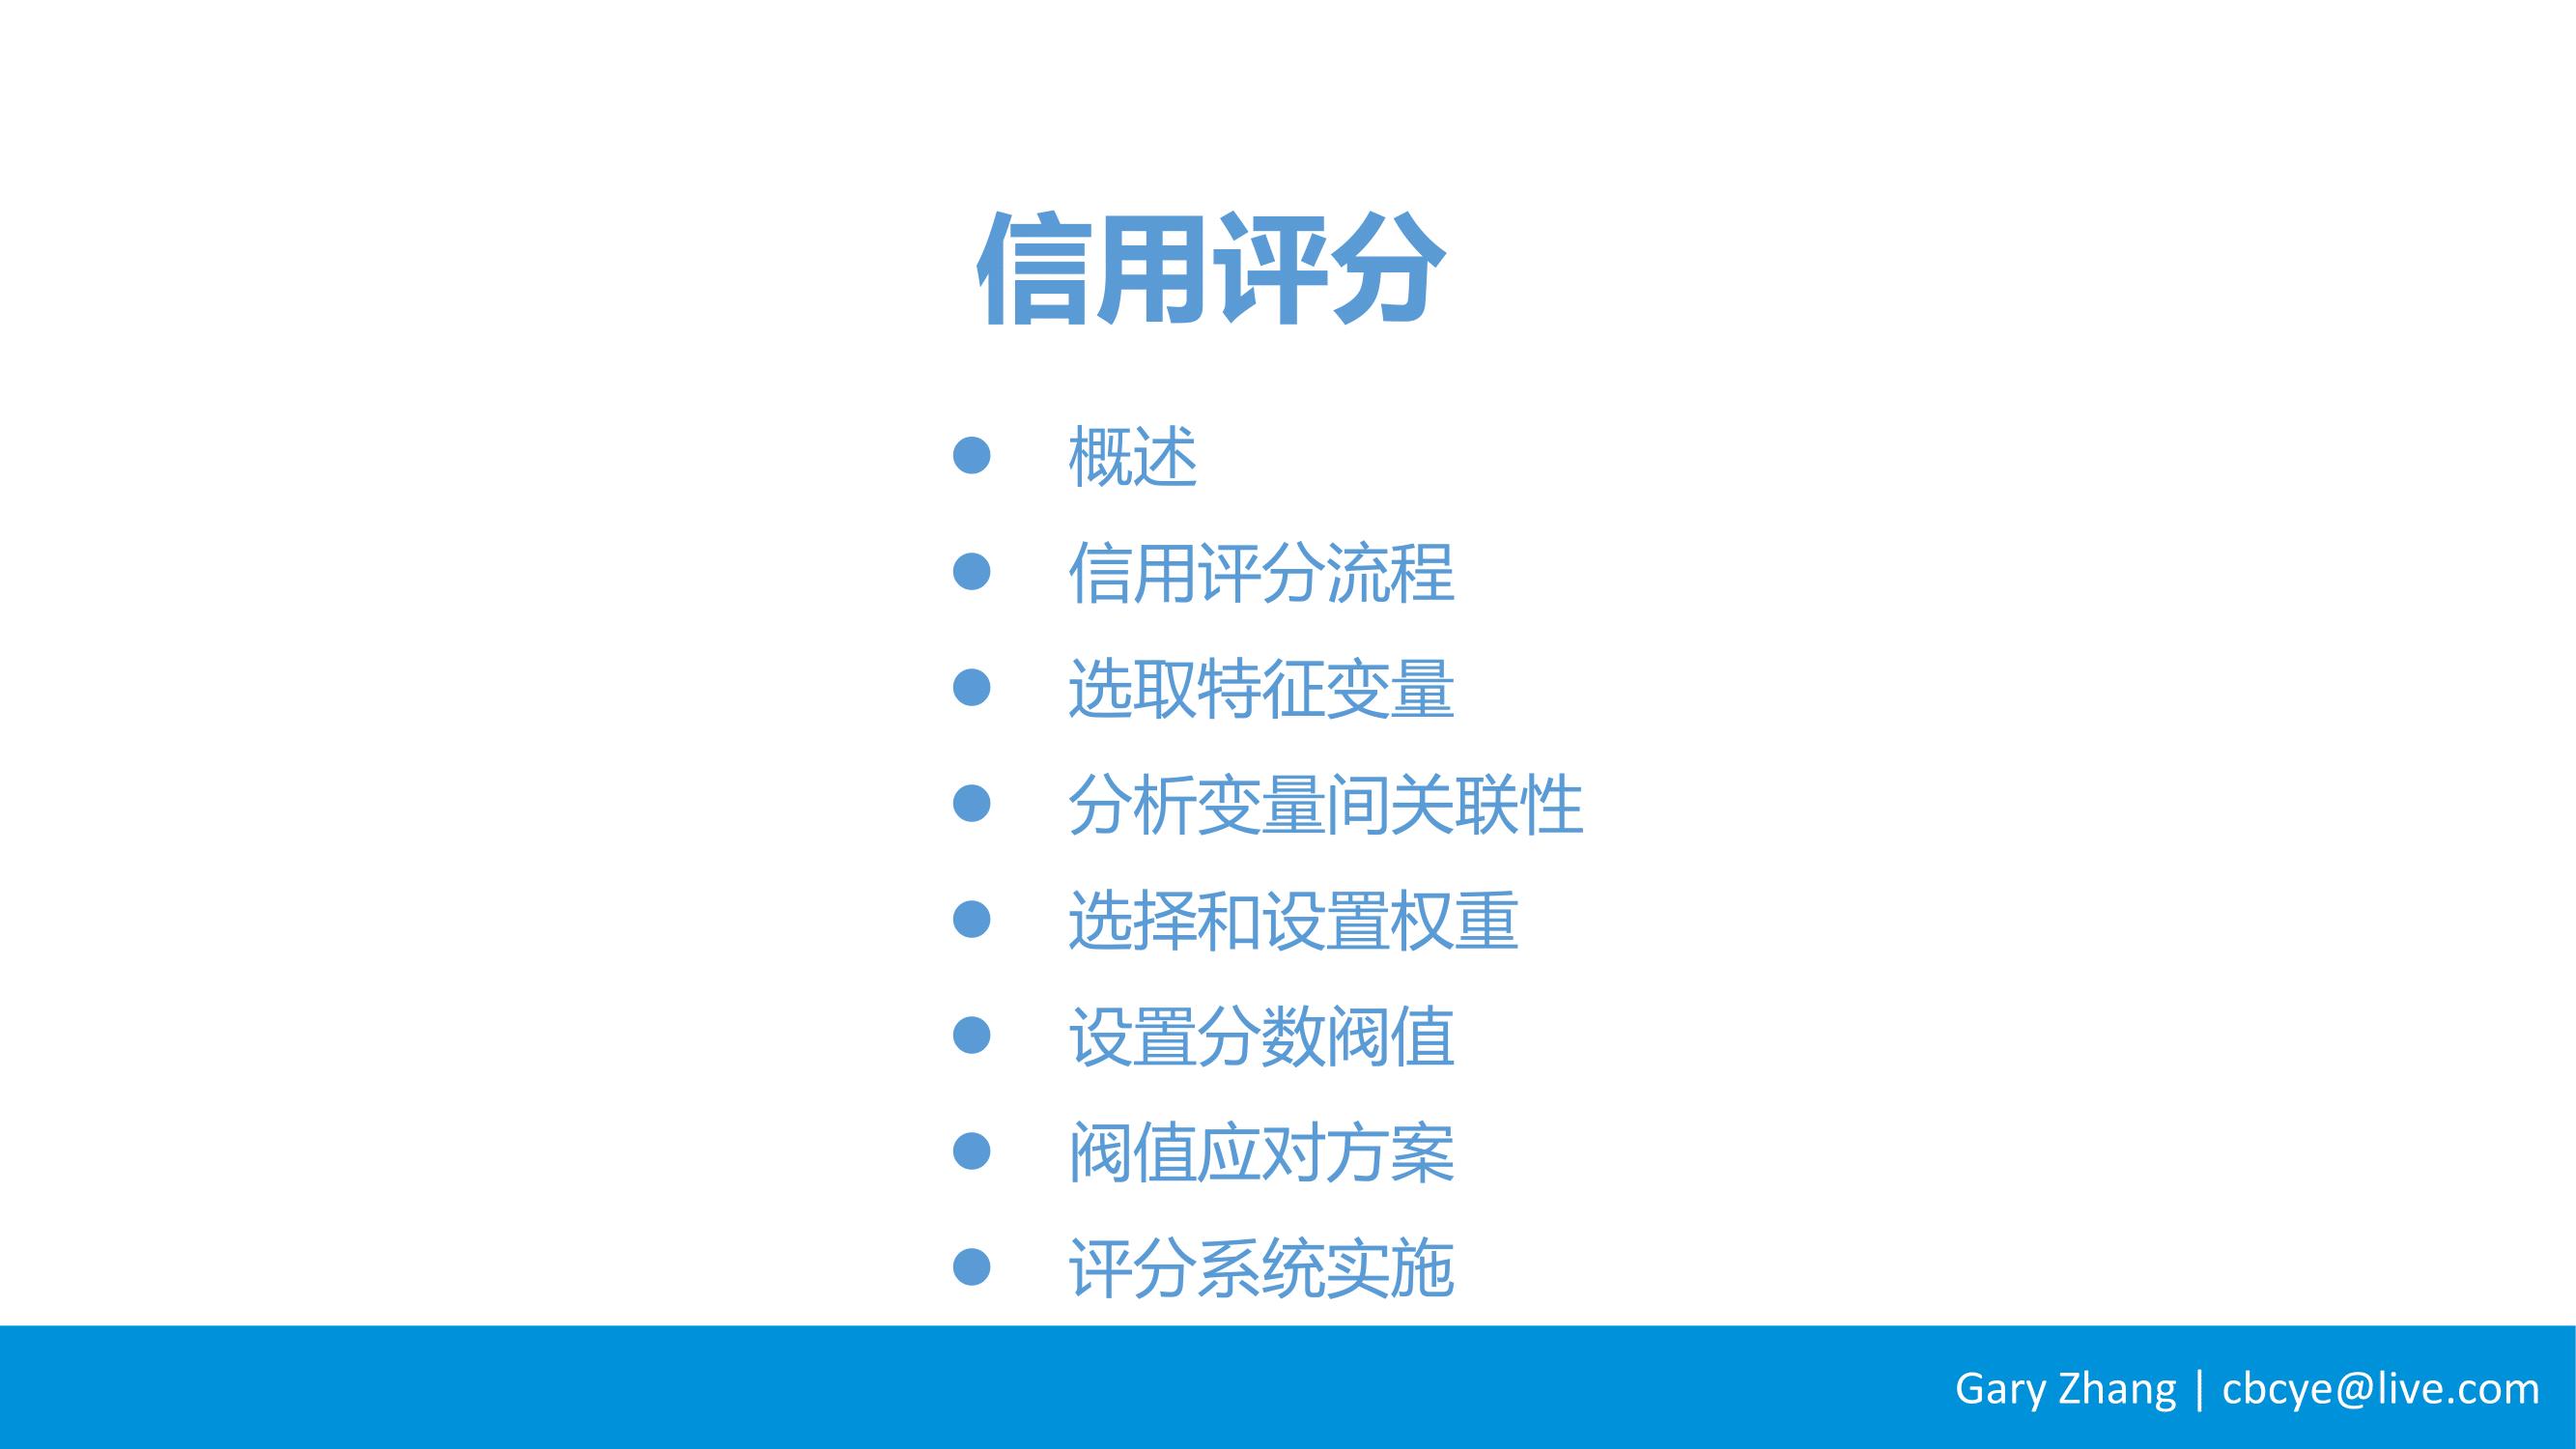 消费金融业务全流程指南_v1.0-025